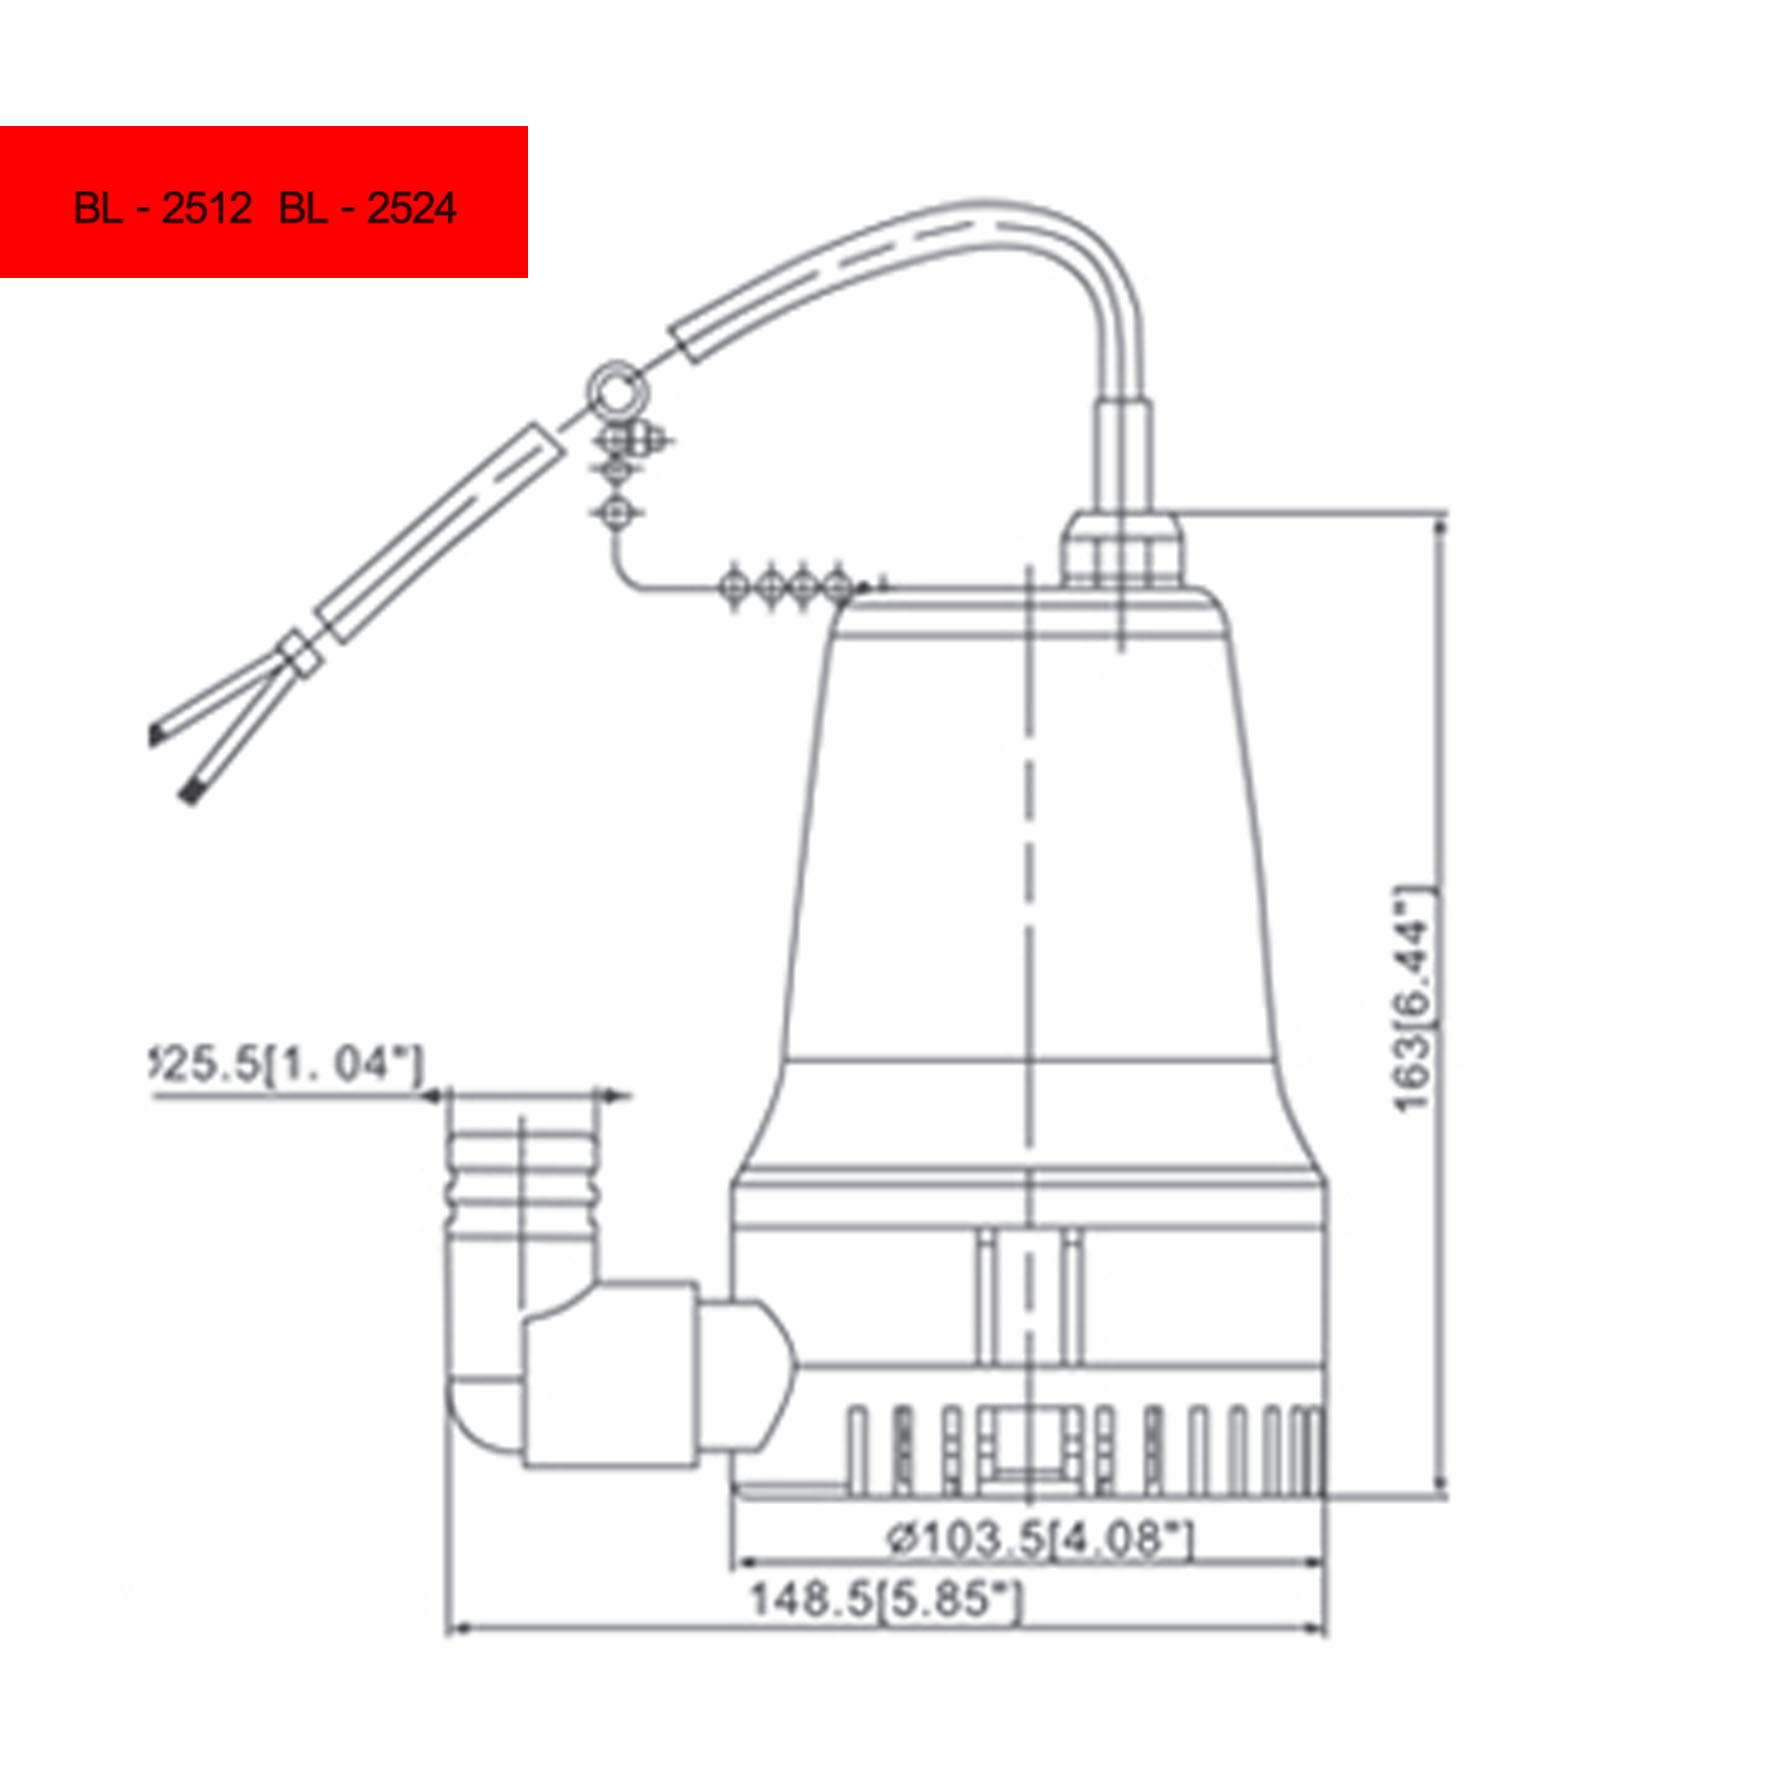 Gph Submersible Dc Pump